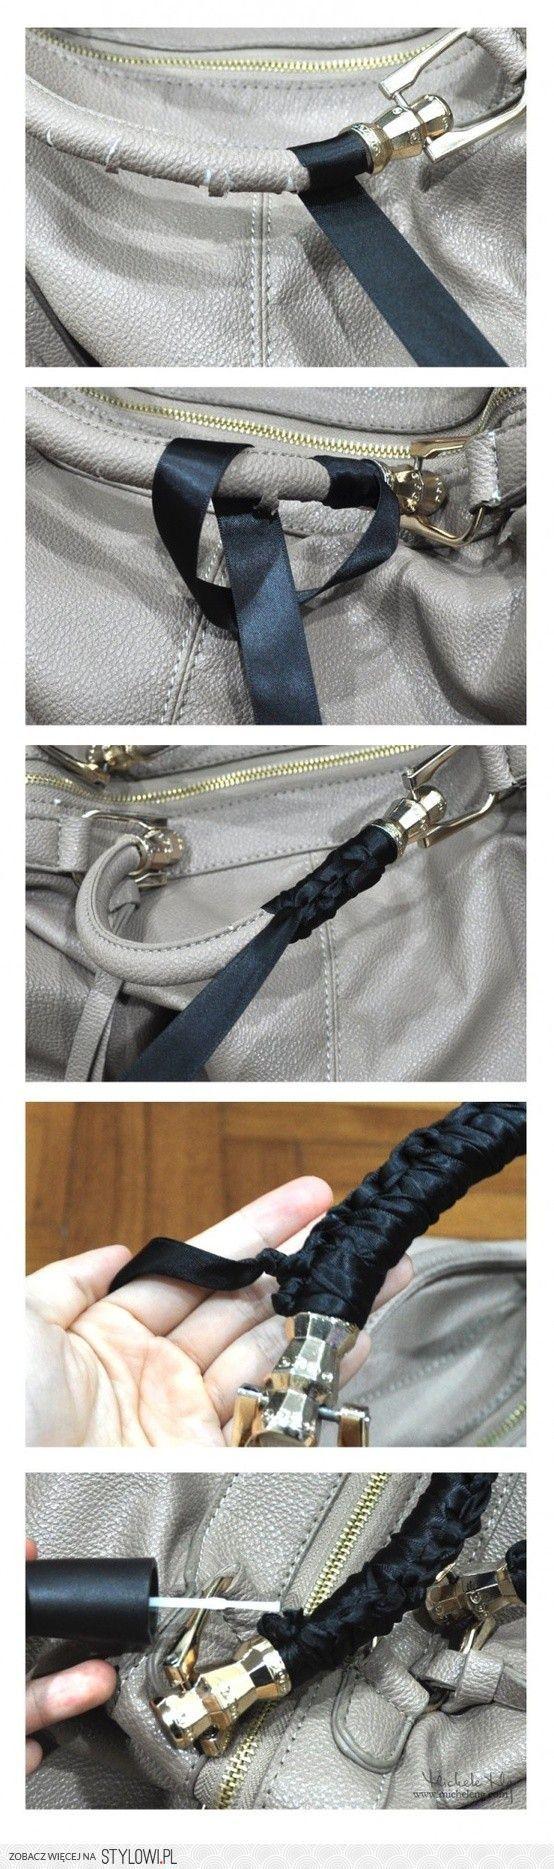 как обновить ручки у сумки